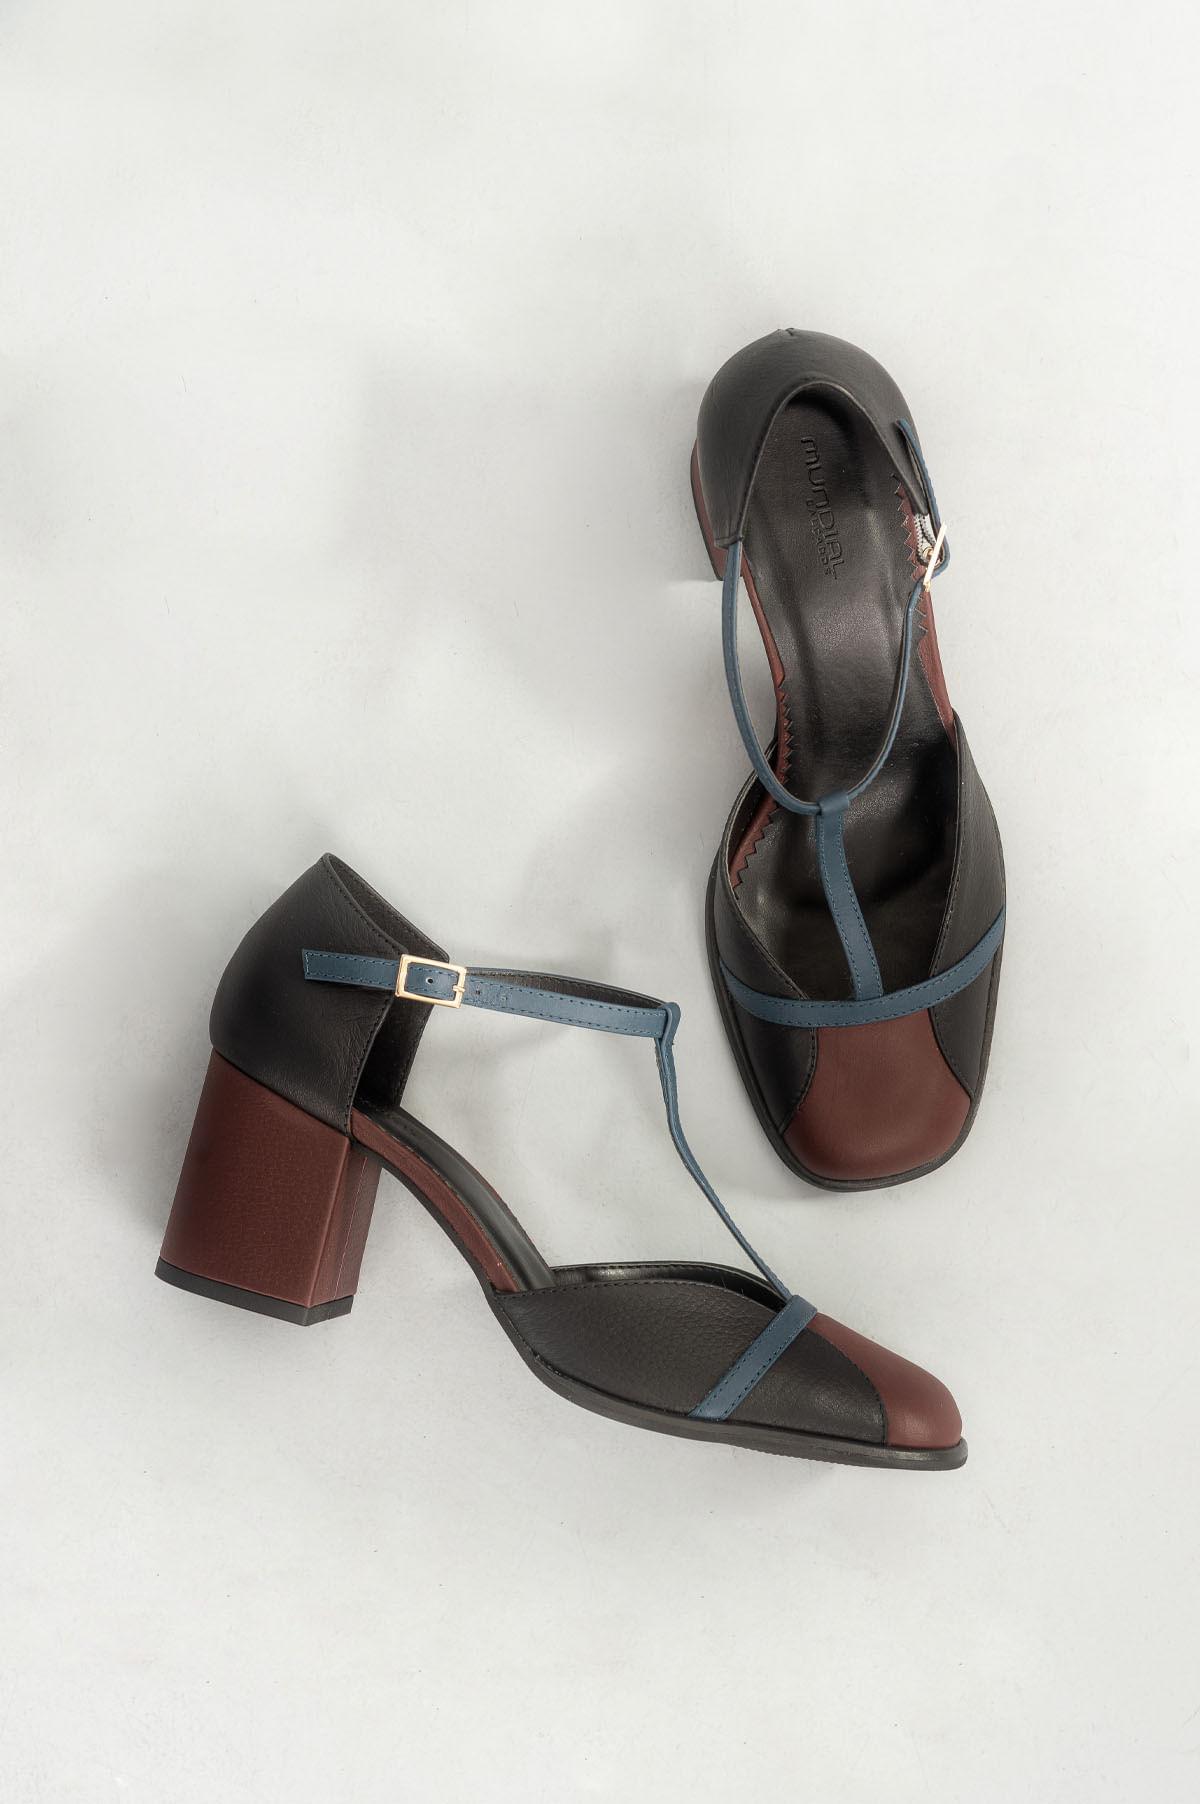 7e9d132b95 Sapato Feminino Salto Alto Flomyn Mundial CR-PRETO - Mundial Calçados